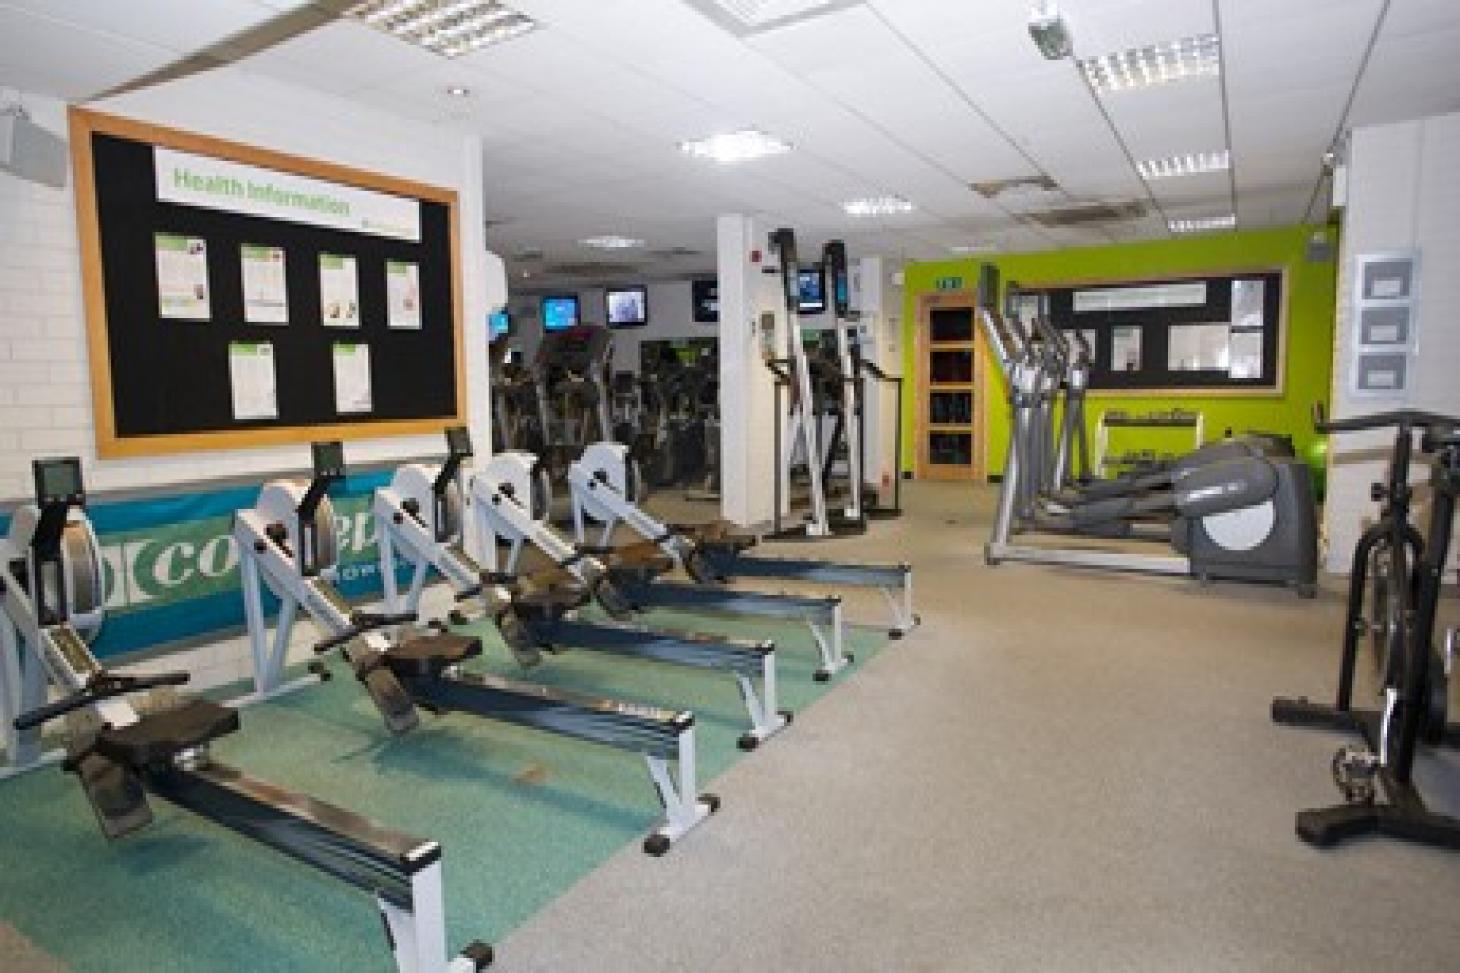 Nuffield Health Battersea Gym gym